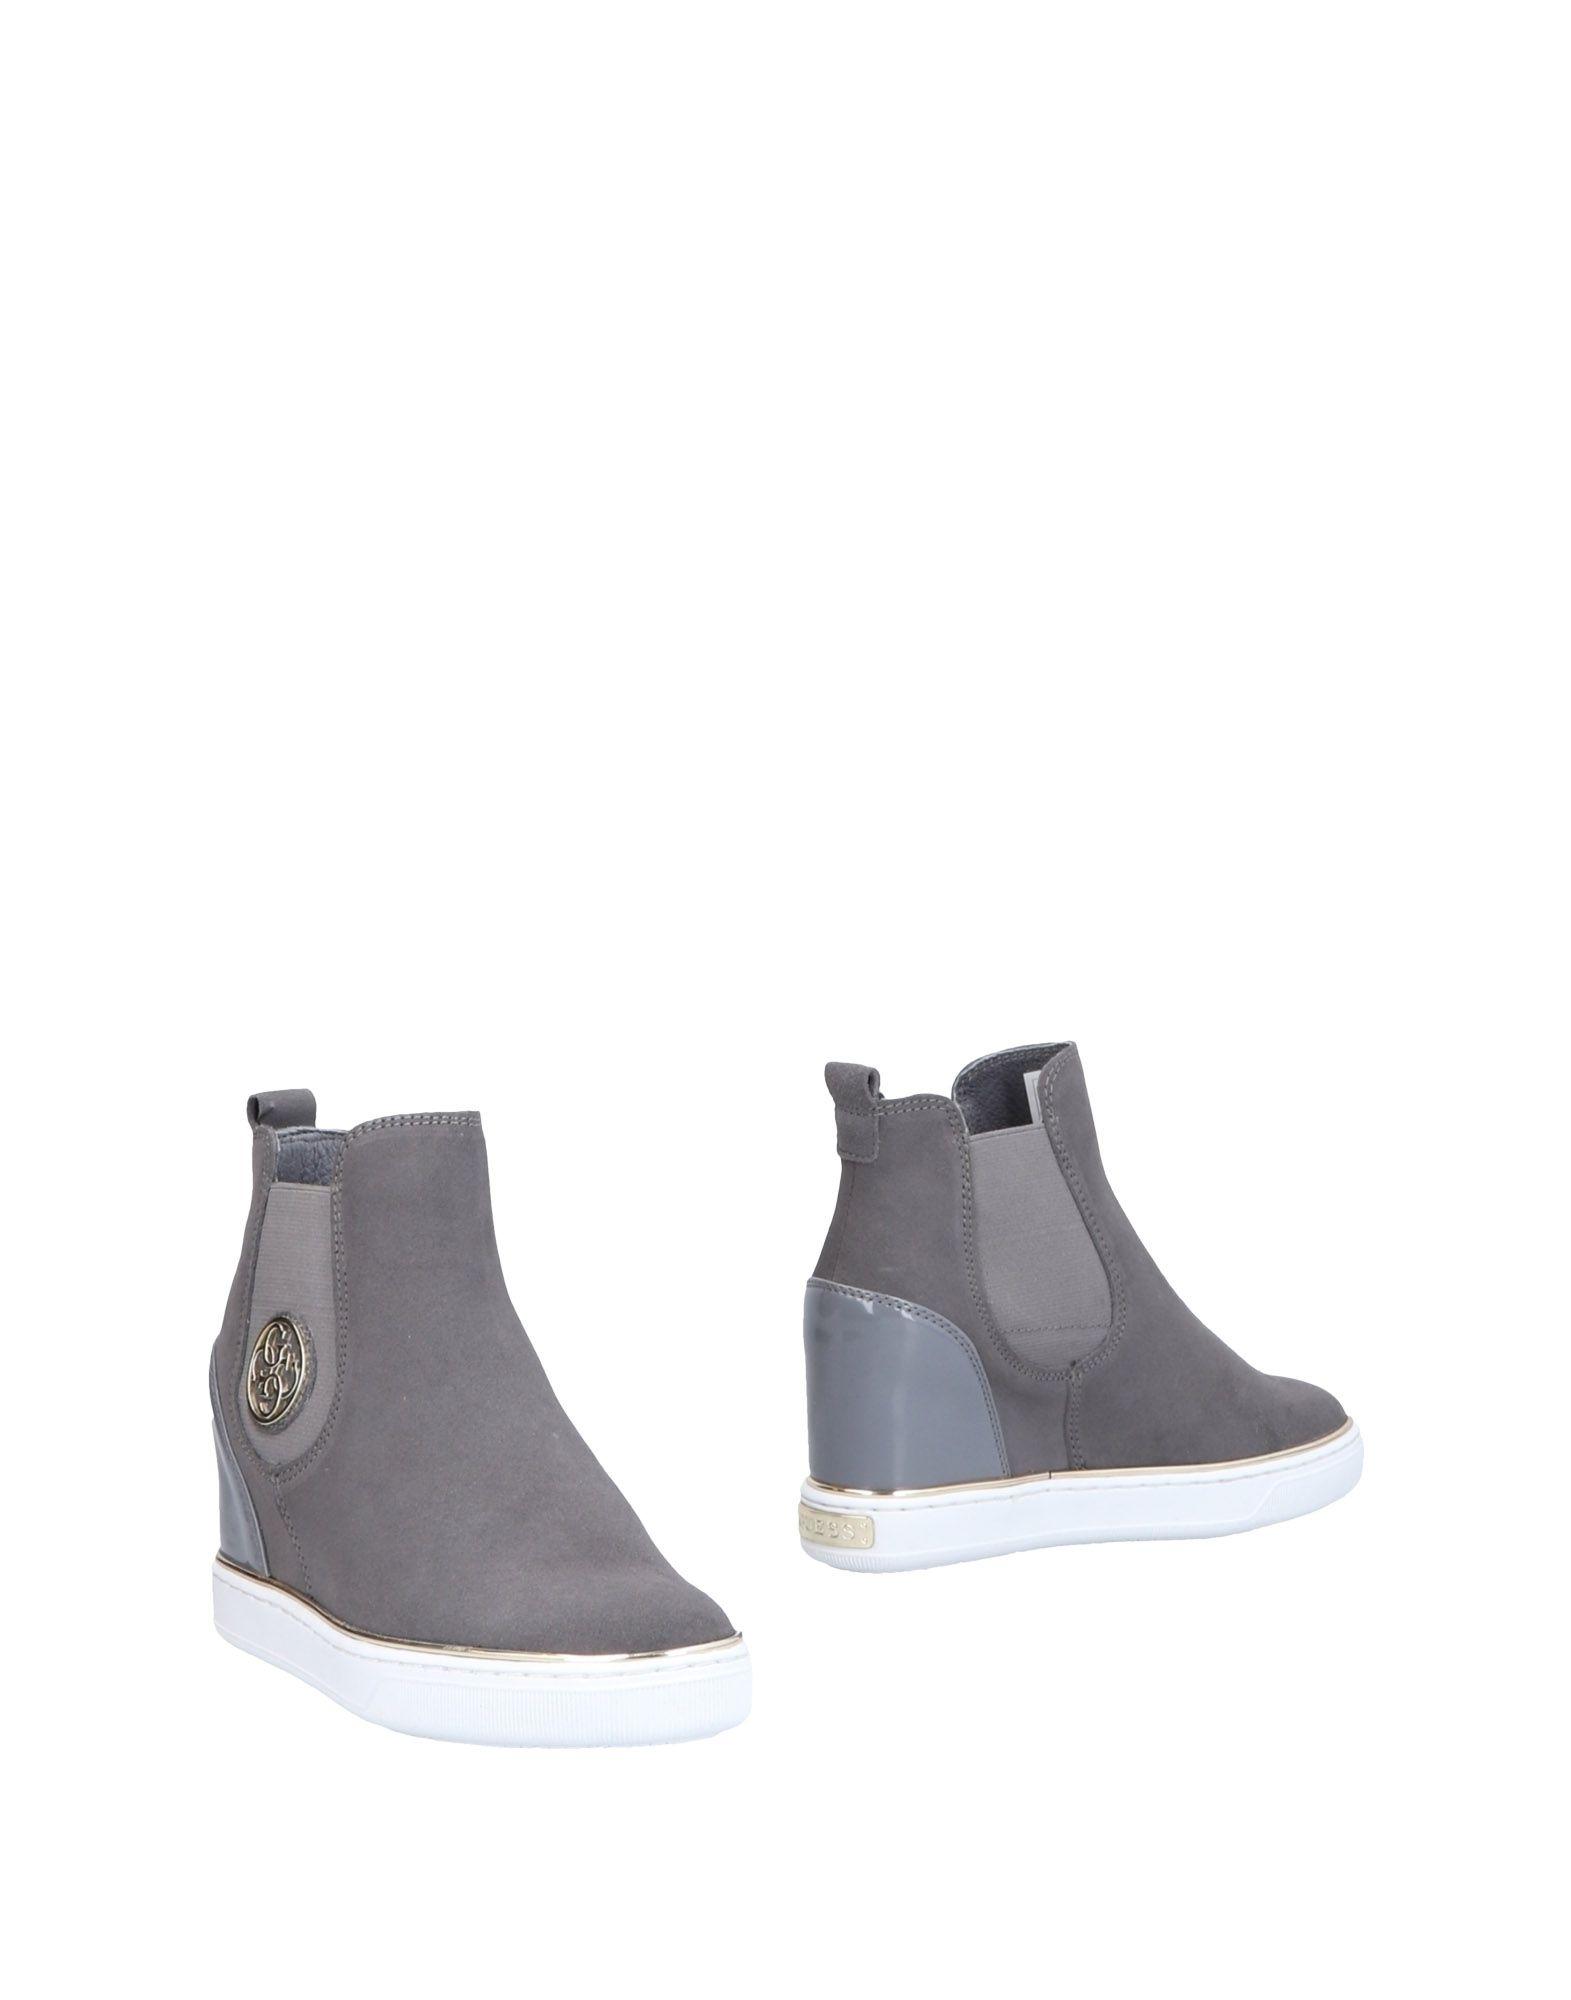 Guess 11467117OB Chelsea Boots Damen  11467117OB Guess Gute Qualität beliebte Schuhe dcc624